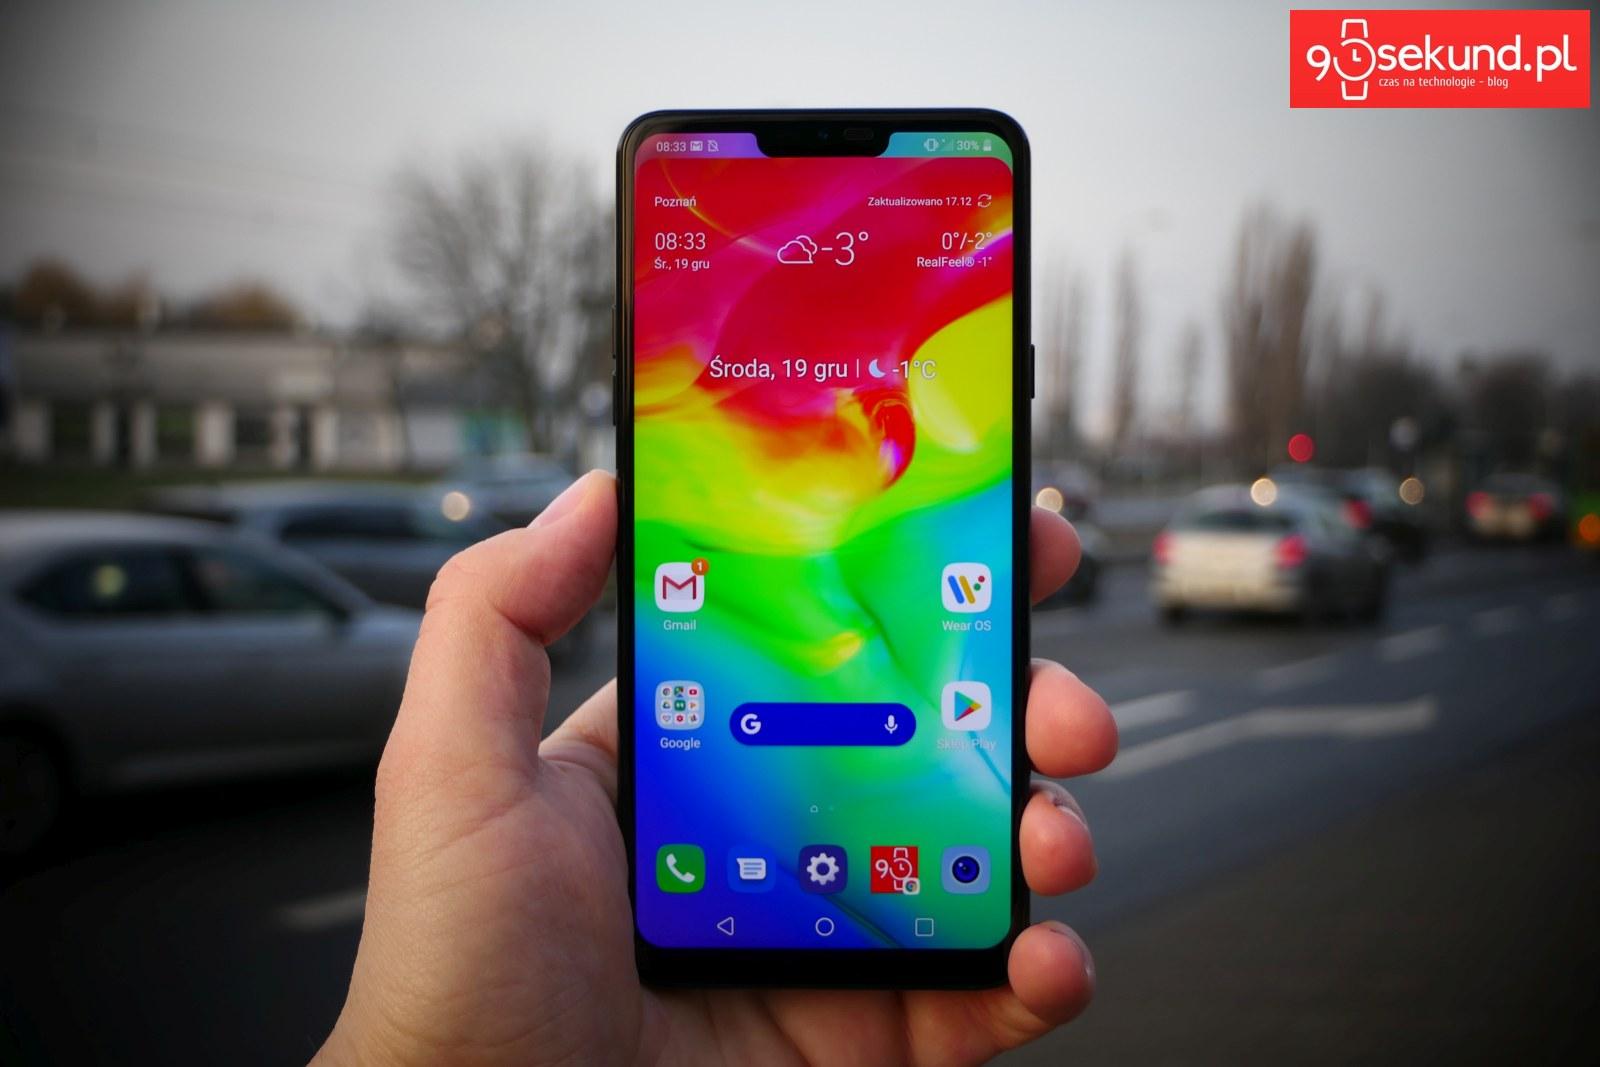 Recenzja LG G7 ThinQ - Michał Brożyński - 90sekund.pl